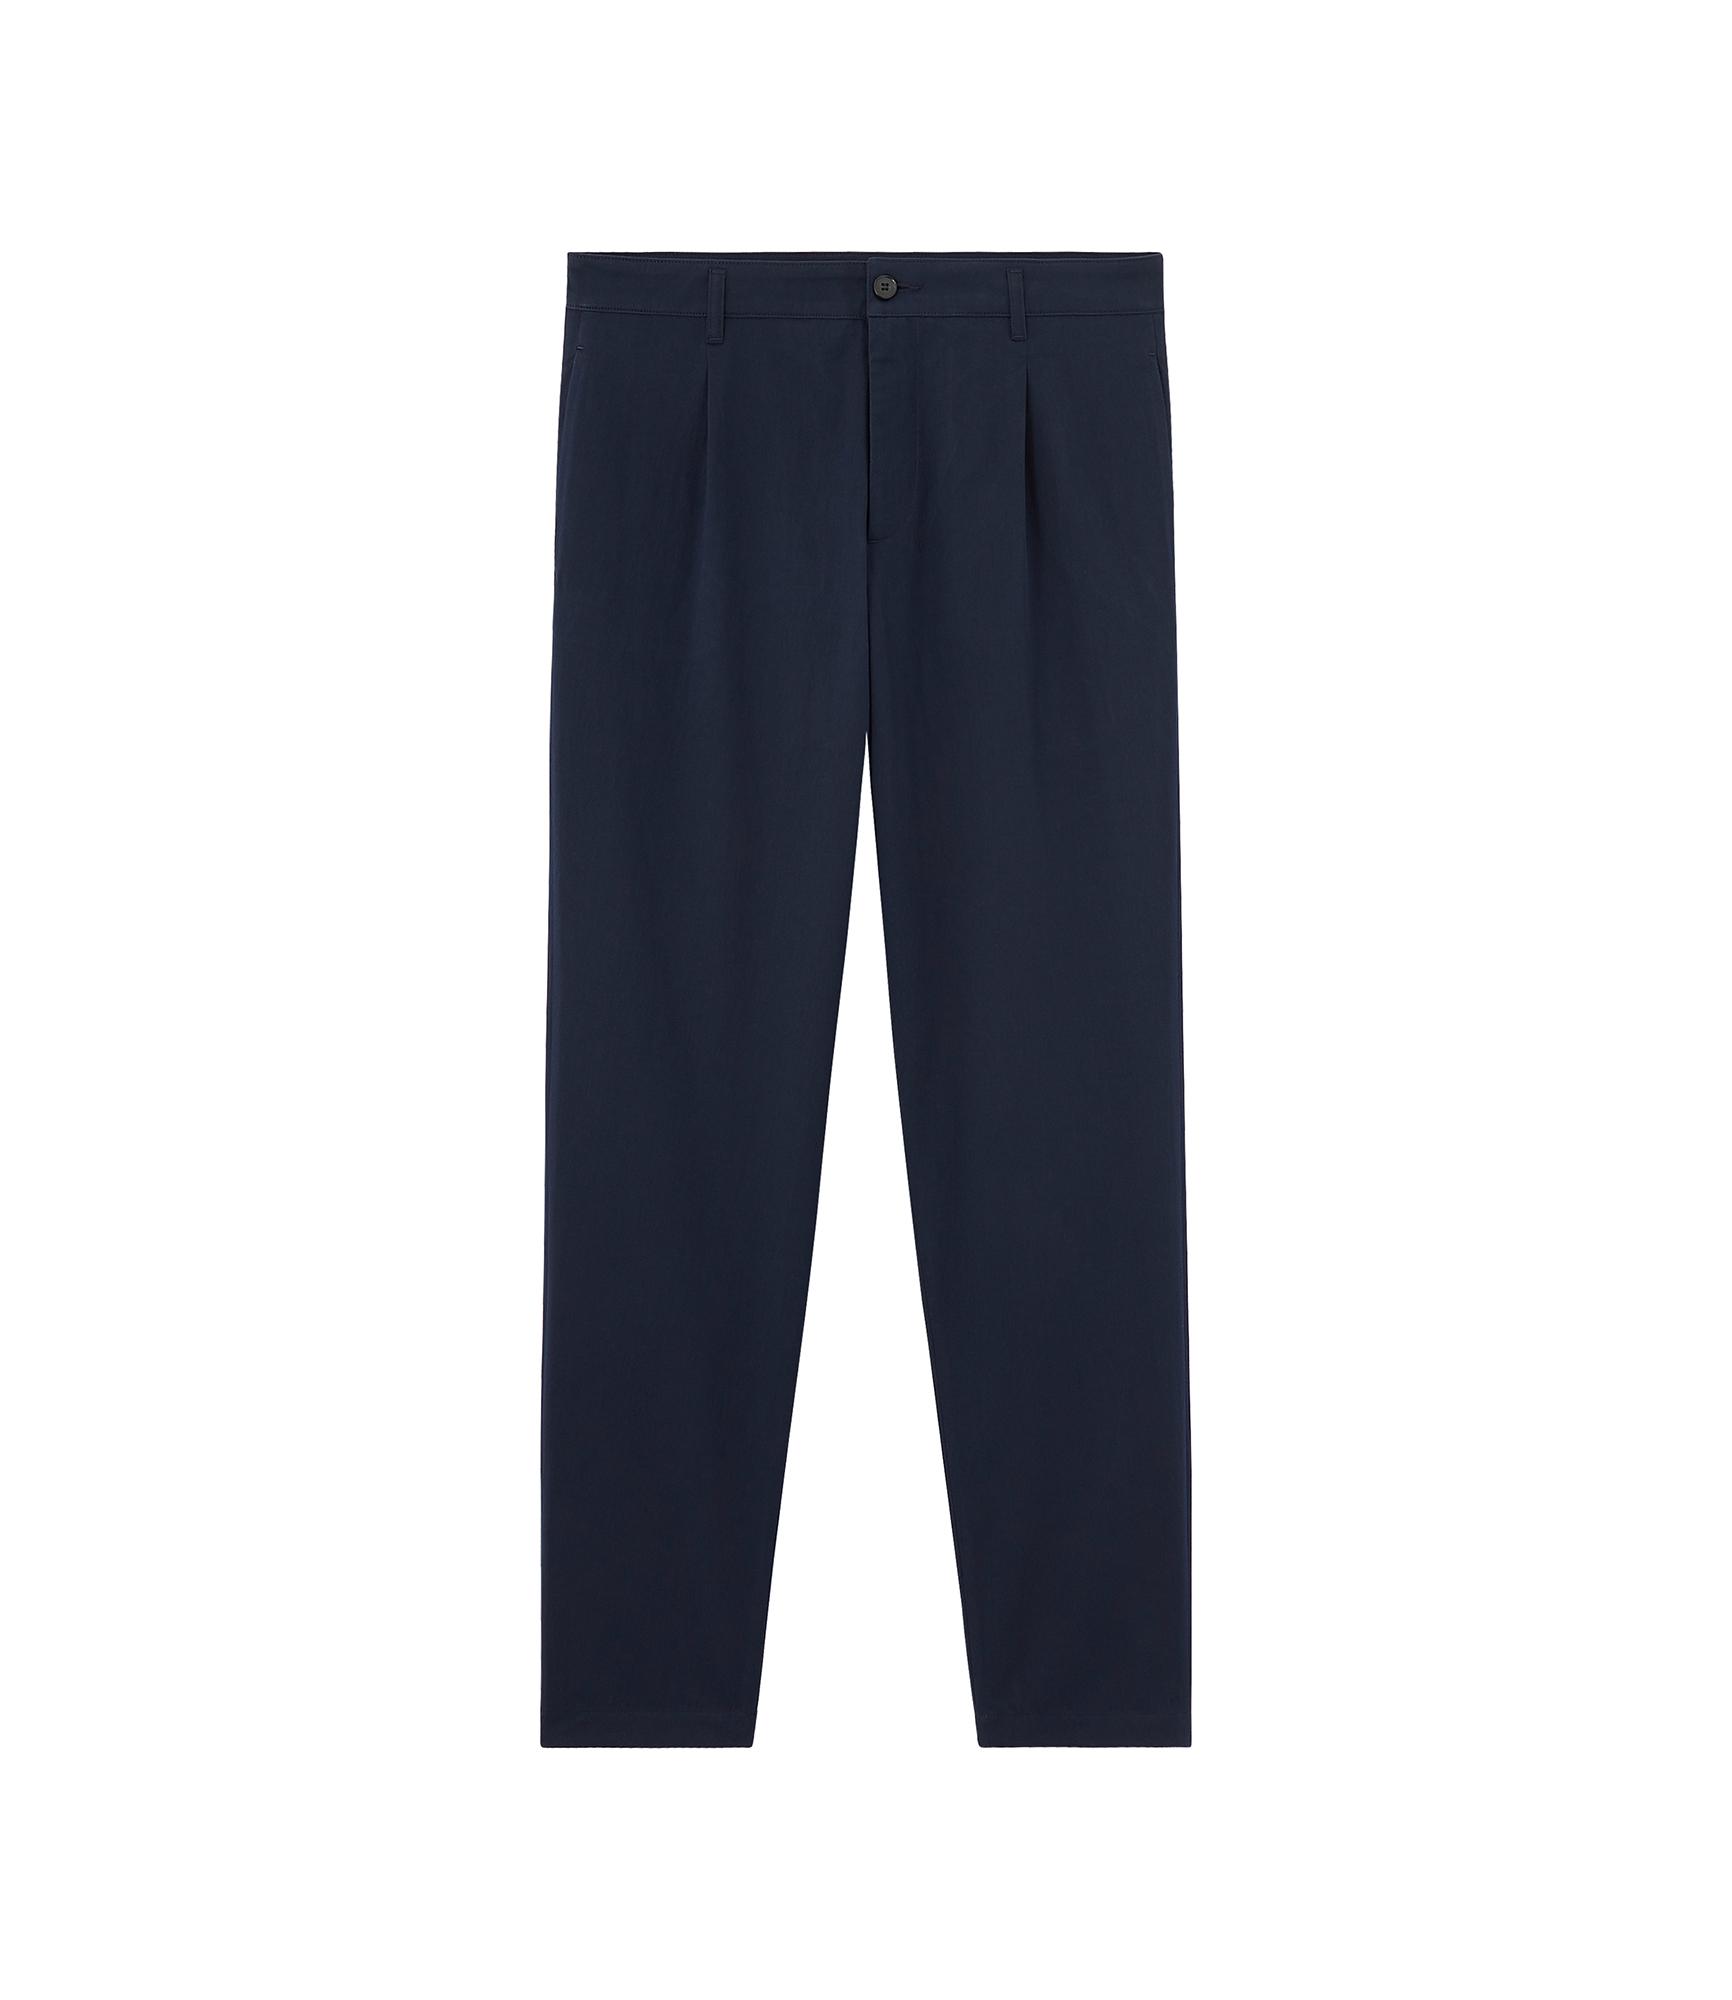 Pantalon Pantalon p p Léon A c Léon c Léon A Pantalon p A SUVzMp